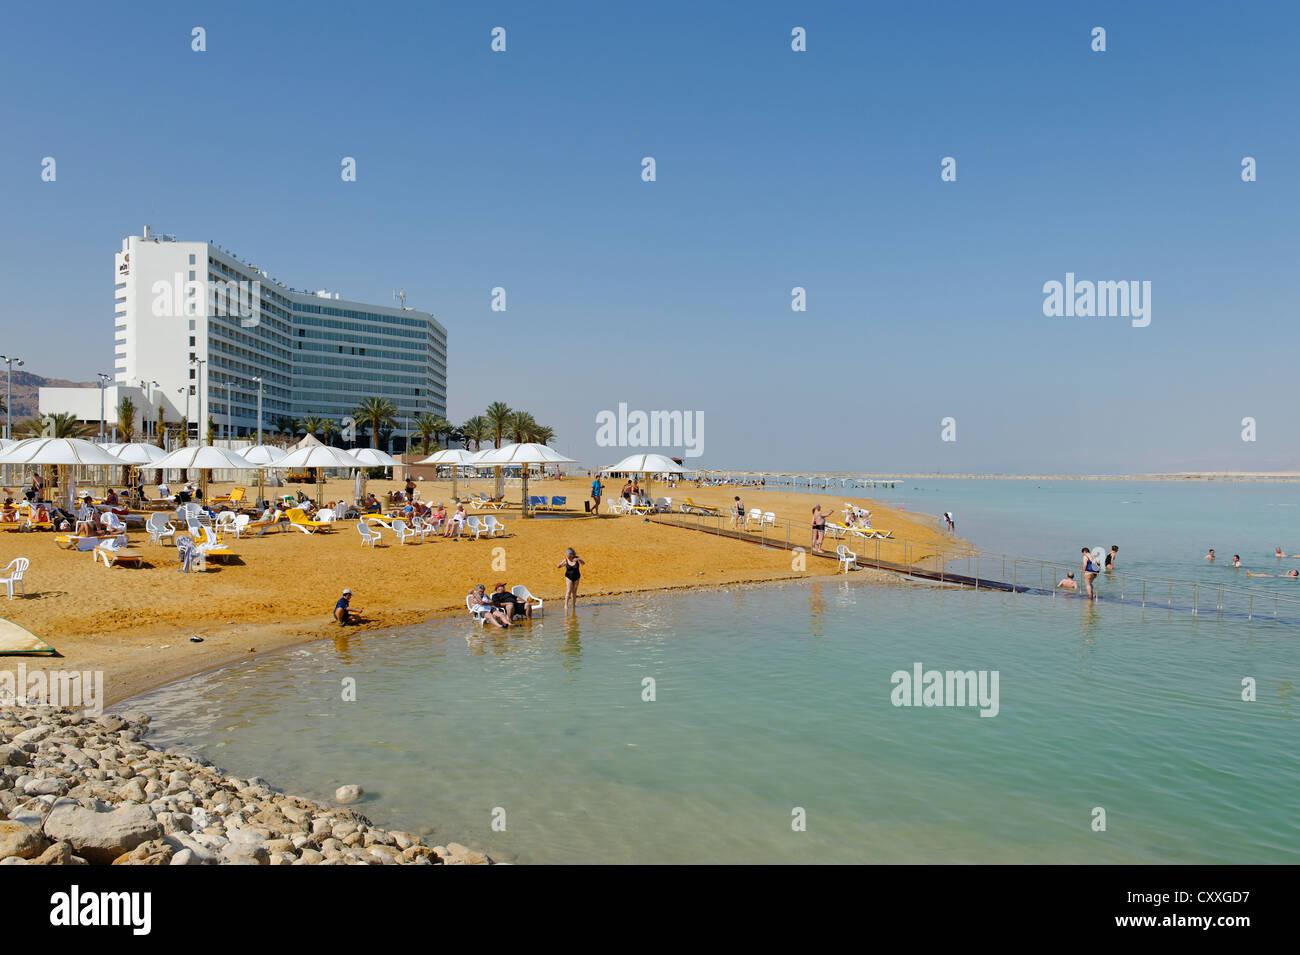 Spiaggia, Ein Bokek En Boqeq, Mar Morto, Israele, Medio Oriente Foto Stock